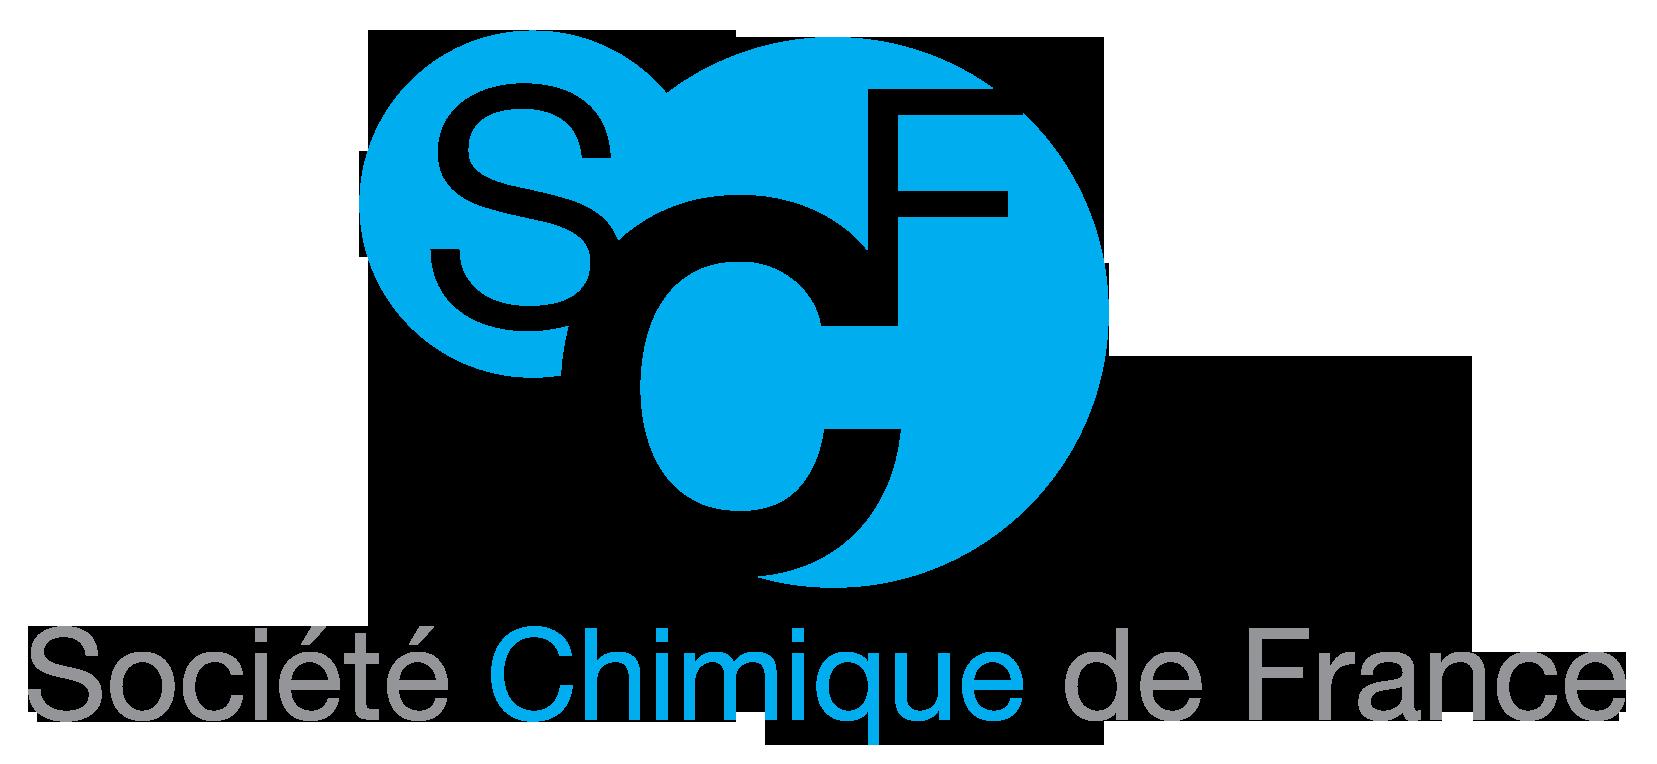 SCF_logo_1.png